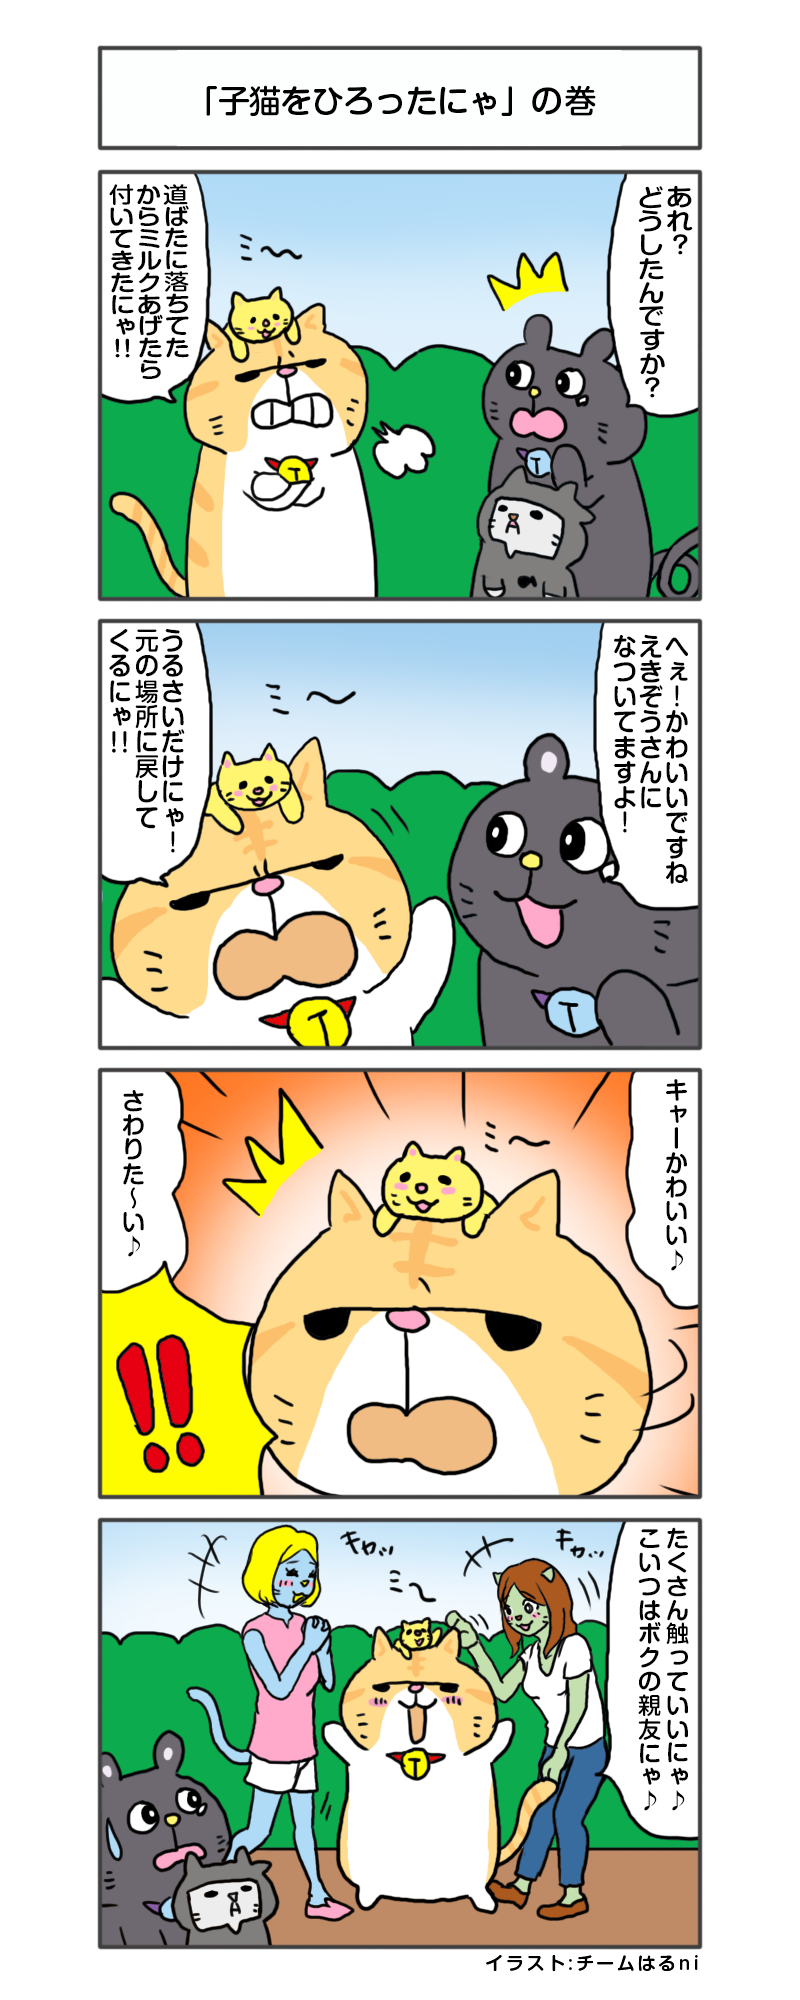 えきぞうmanga_vol.258